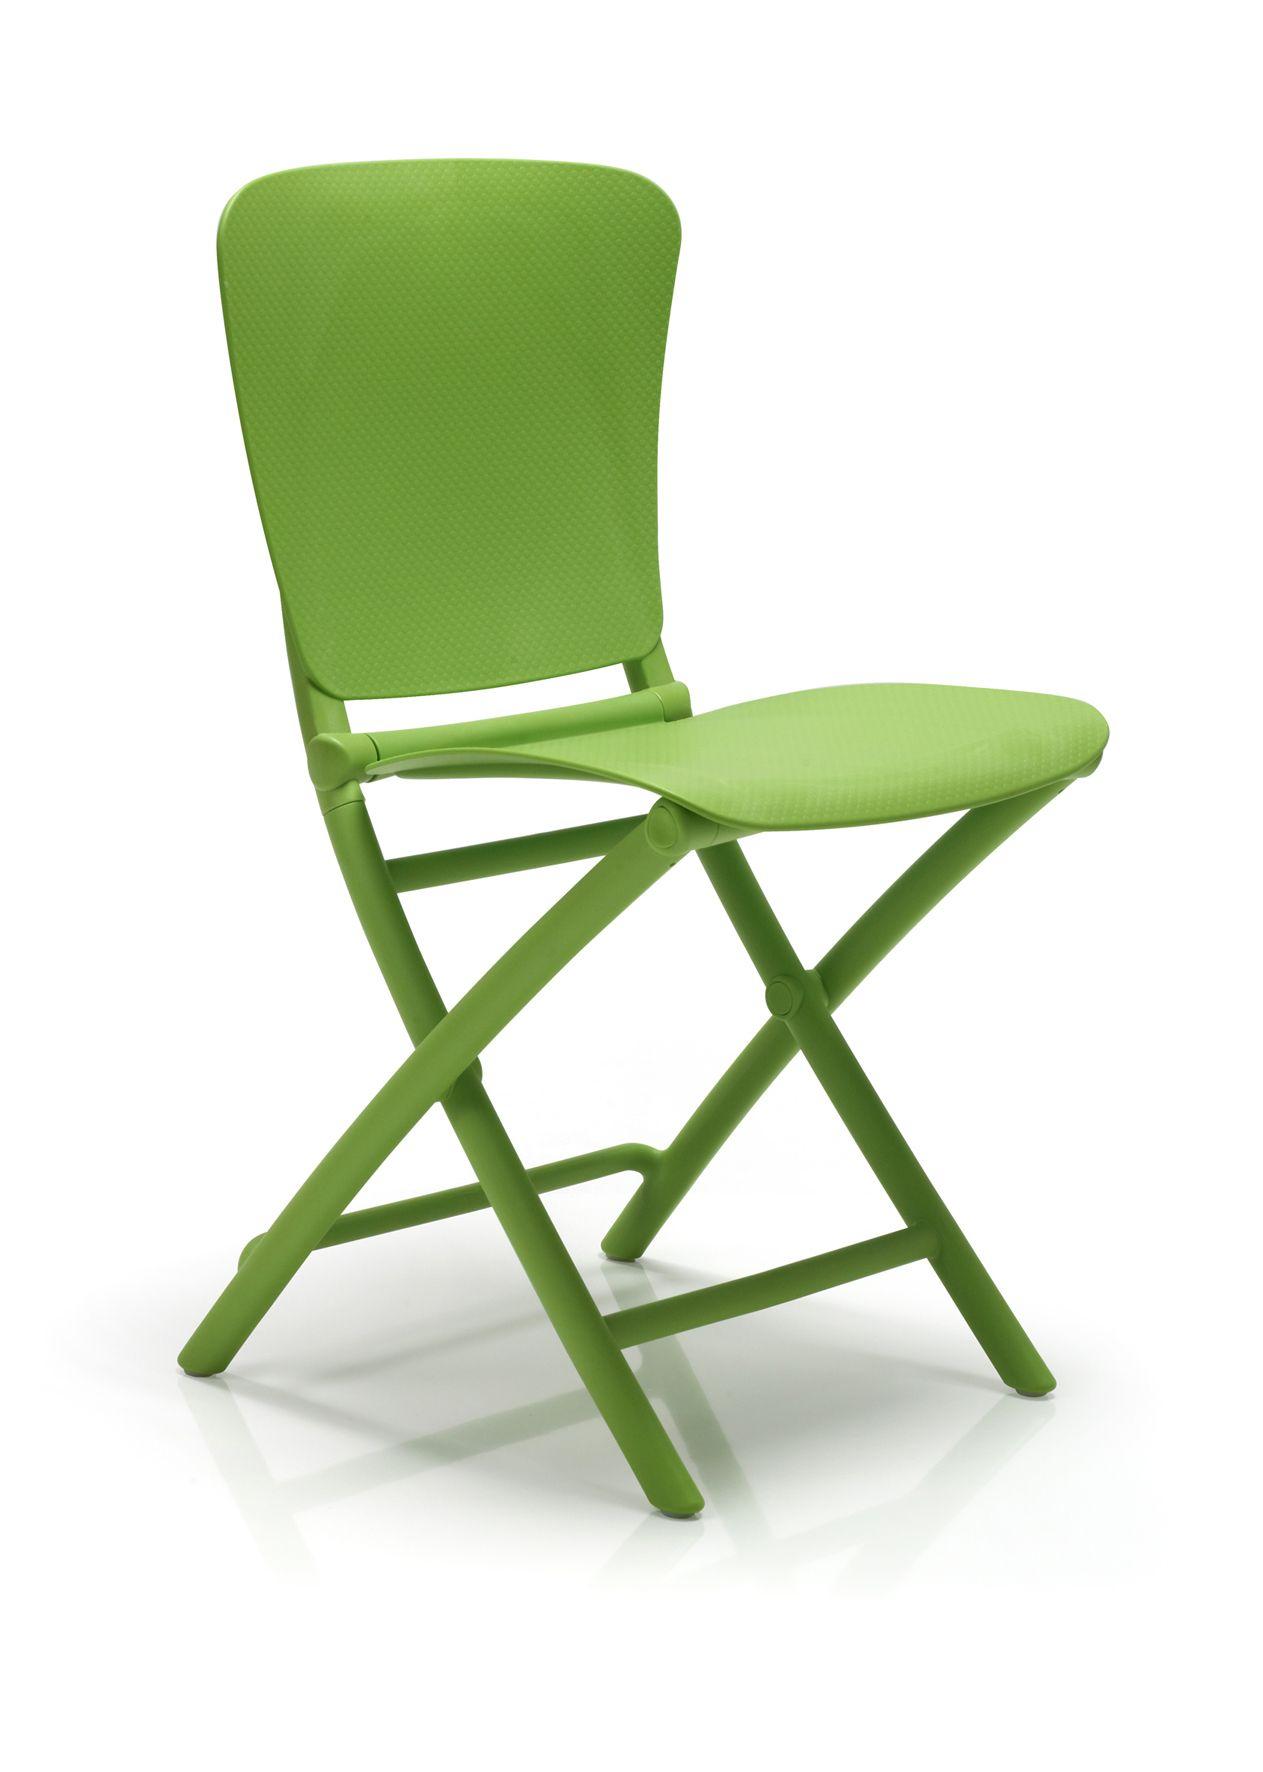 Chaise De Jardin Nardi Zac En Coloris Vert Mettez De La Couleur Dans Vos Petits Espaces Balcon Folding Dining Chairs Furniture Dining Chairs Folding Chair